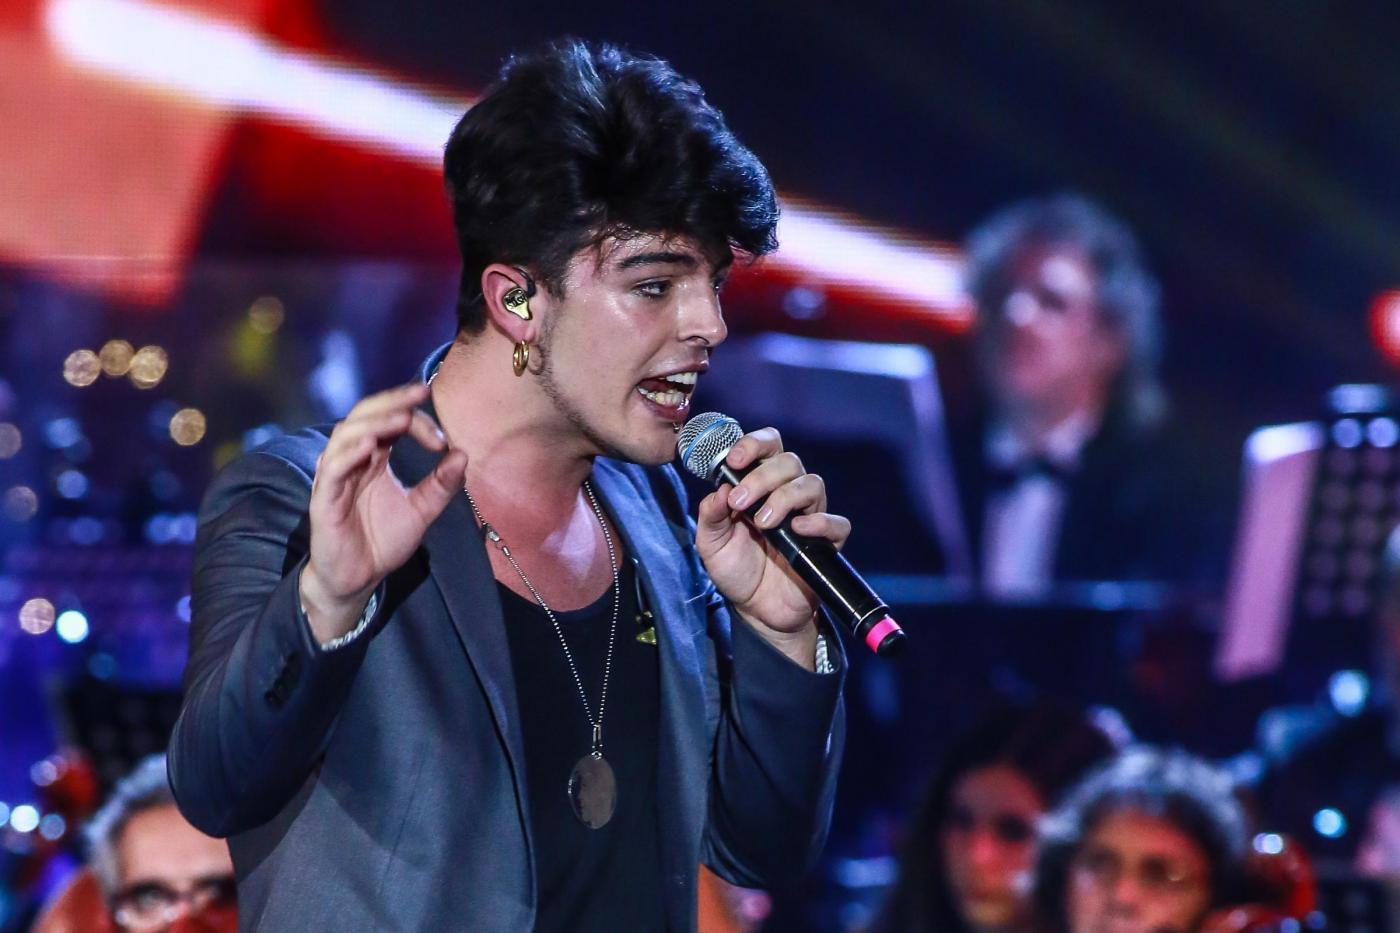 The Kolors agli MTV Awards 2016: Stash sputa sulla telecamera e la band lascia il palco